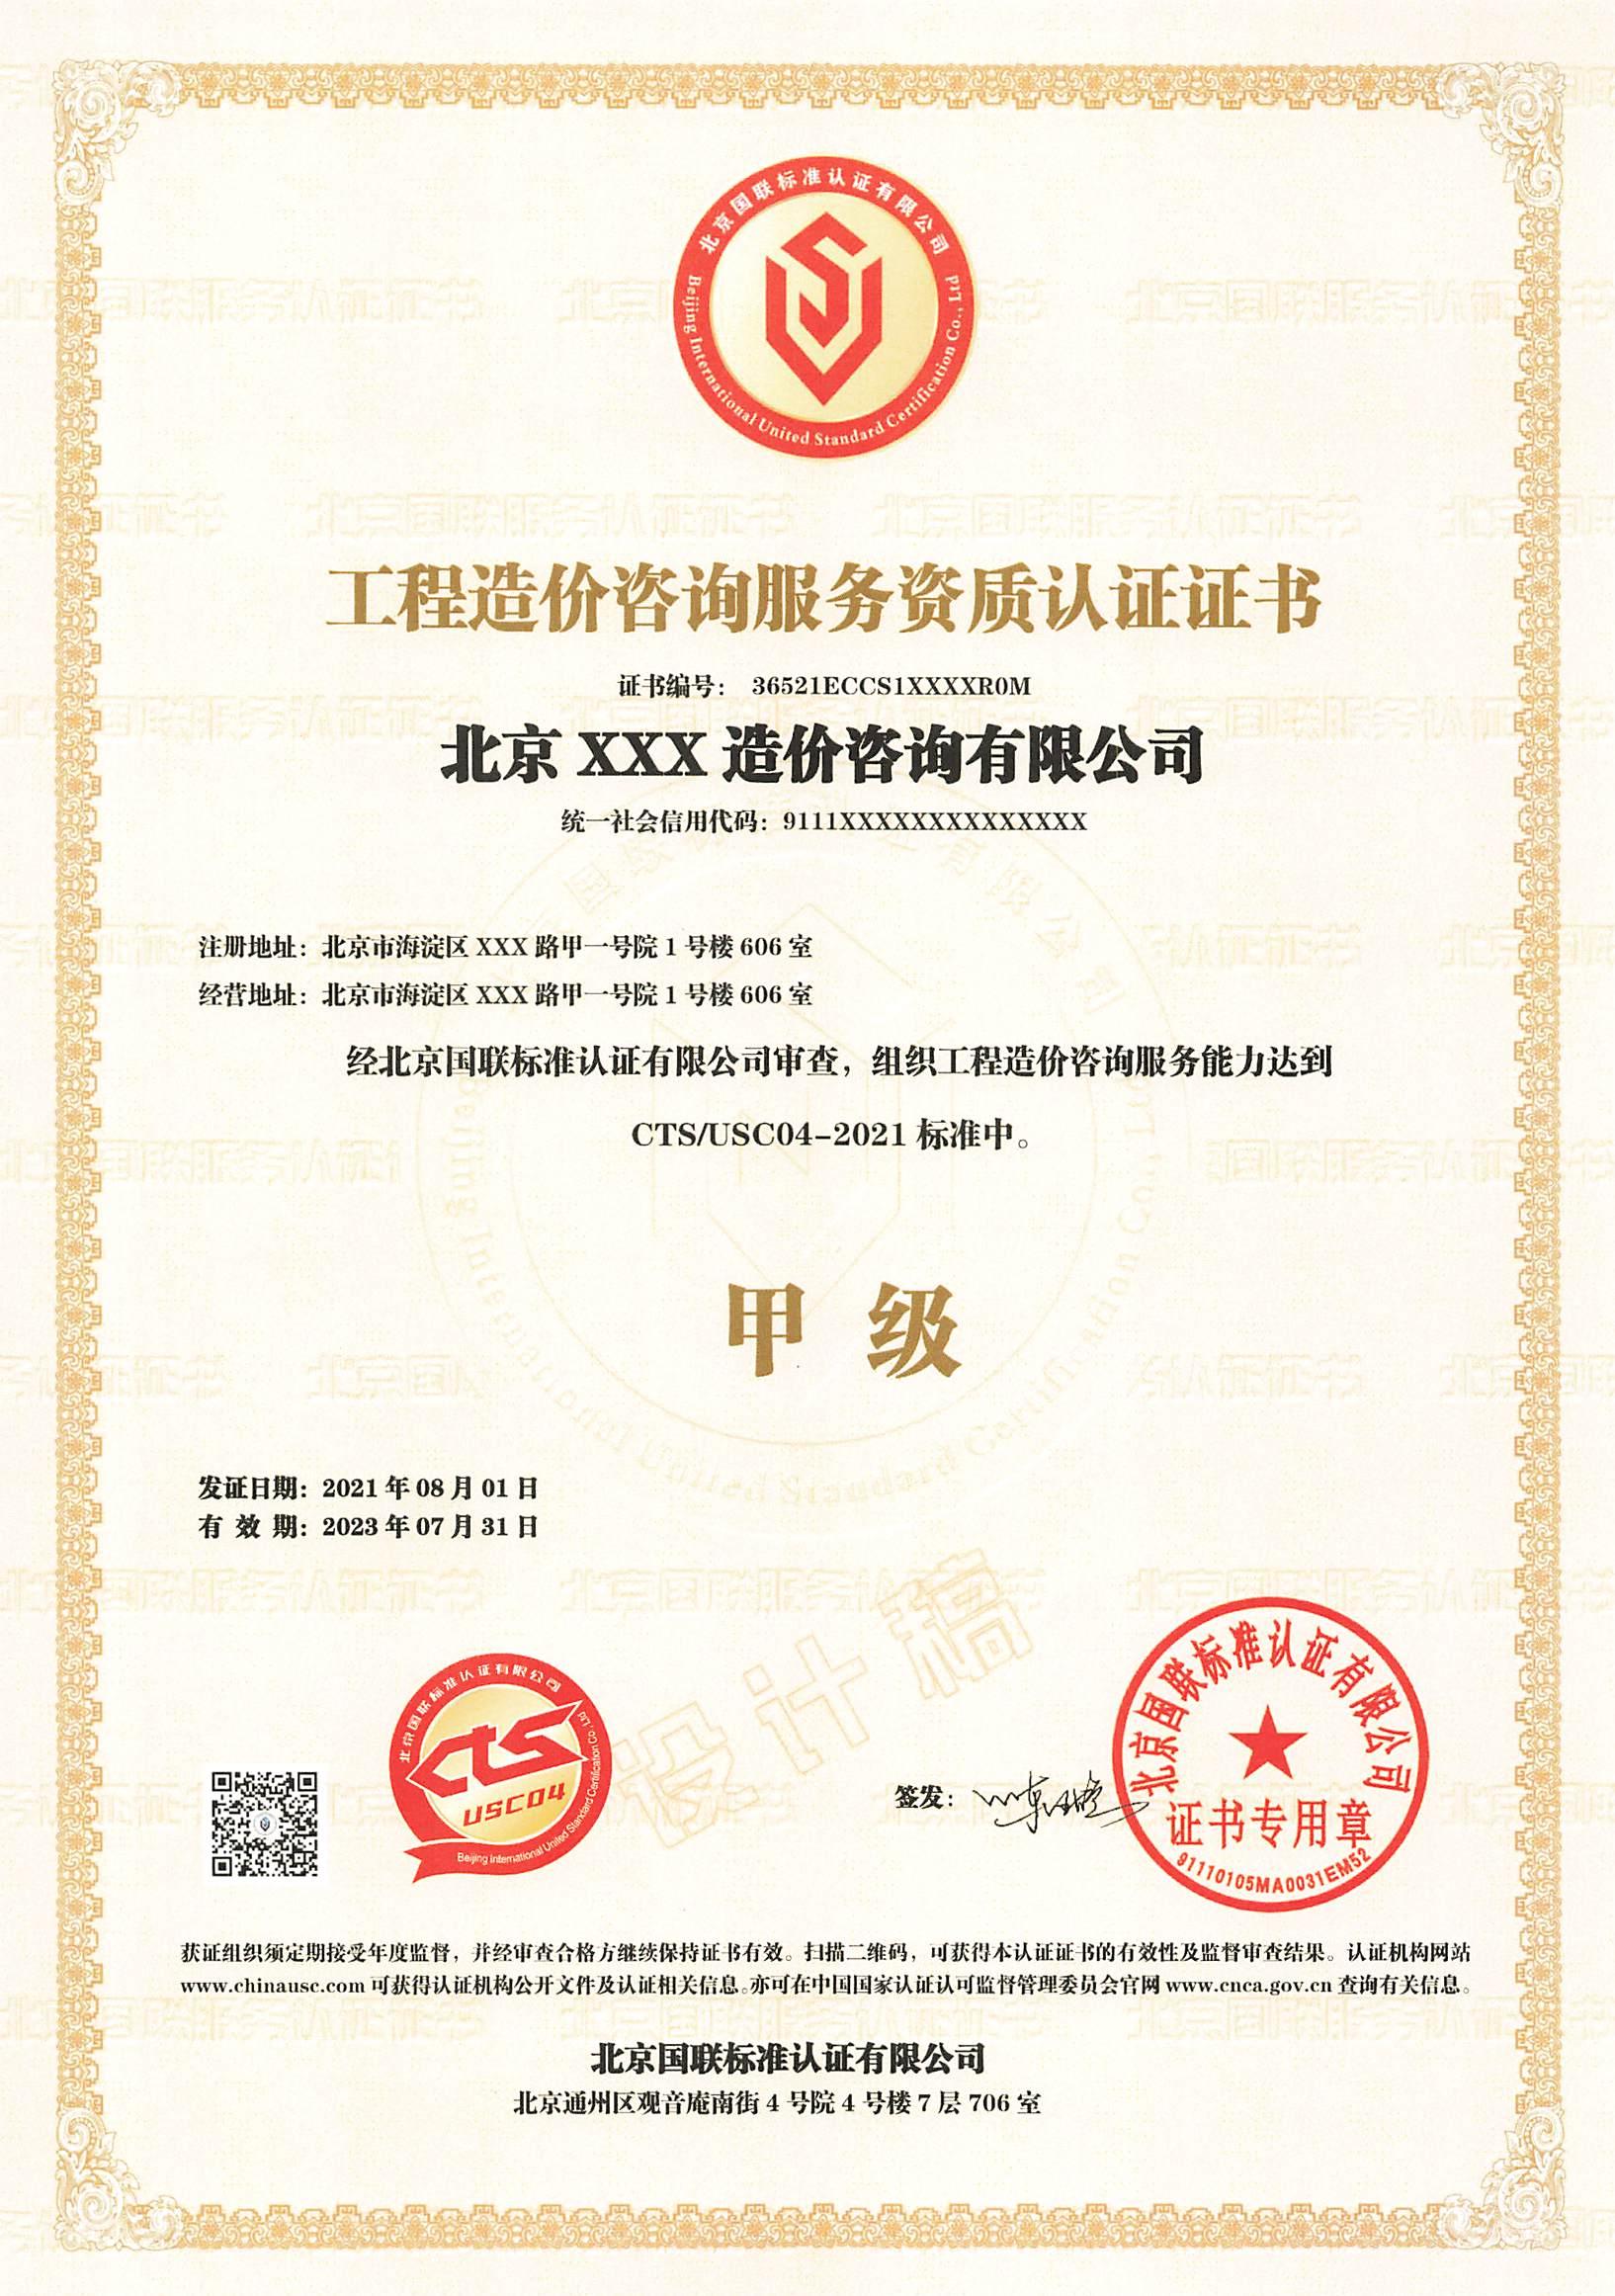 工程造价咨询服务资质认证证书.jpg